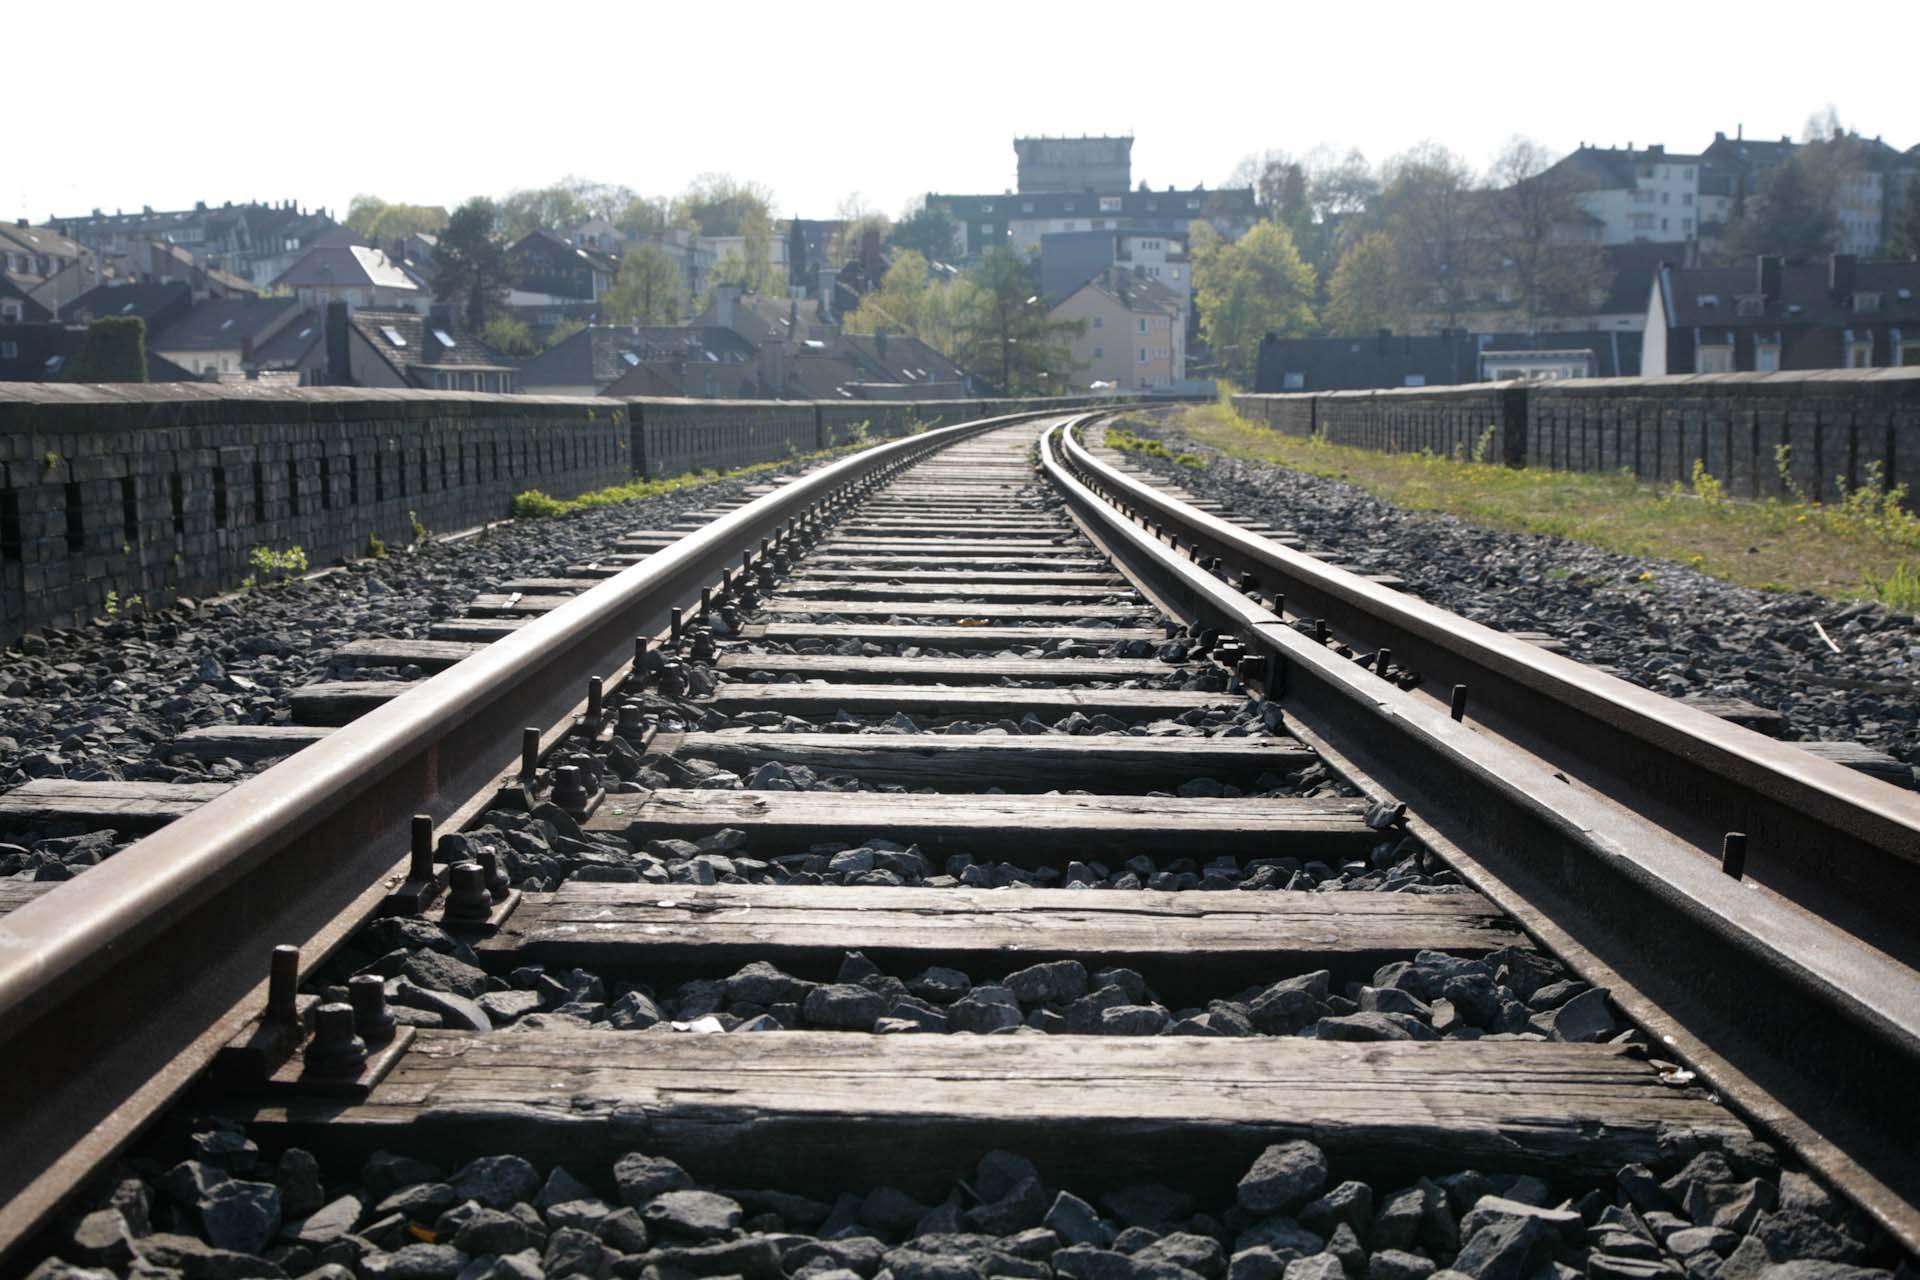 Die Nordbahntrasse ist mittlerweile zum vorbildlichen Fussgänger- und Radschnellweg umgebaut